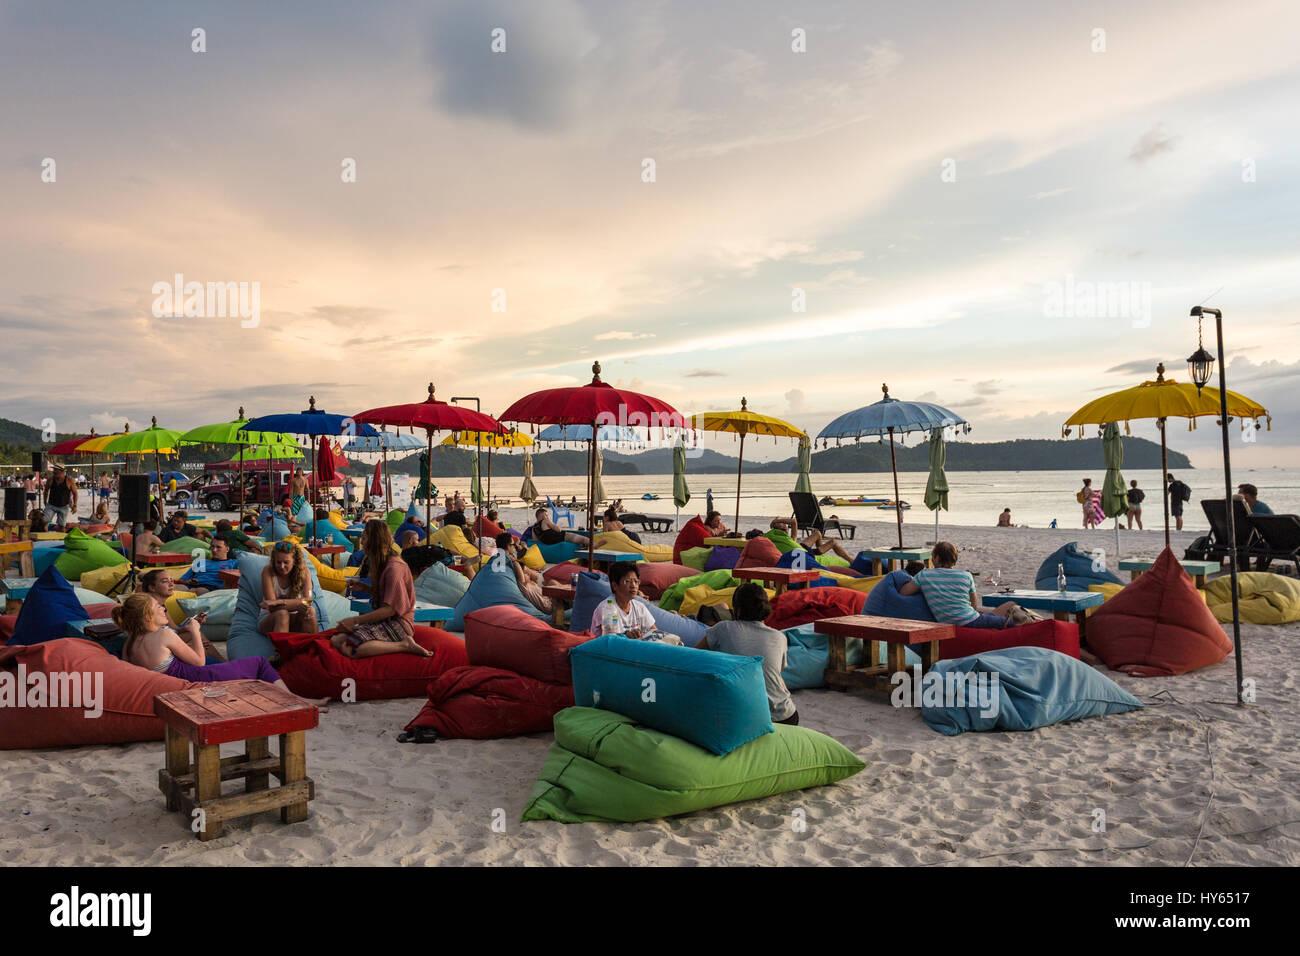 LANGKAWI, MALAISIE, le 19 janvier 2017: les touristes prendre un verre dans un bar sur la plage sur la plage Photo Stock